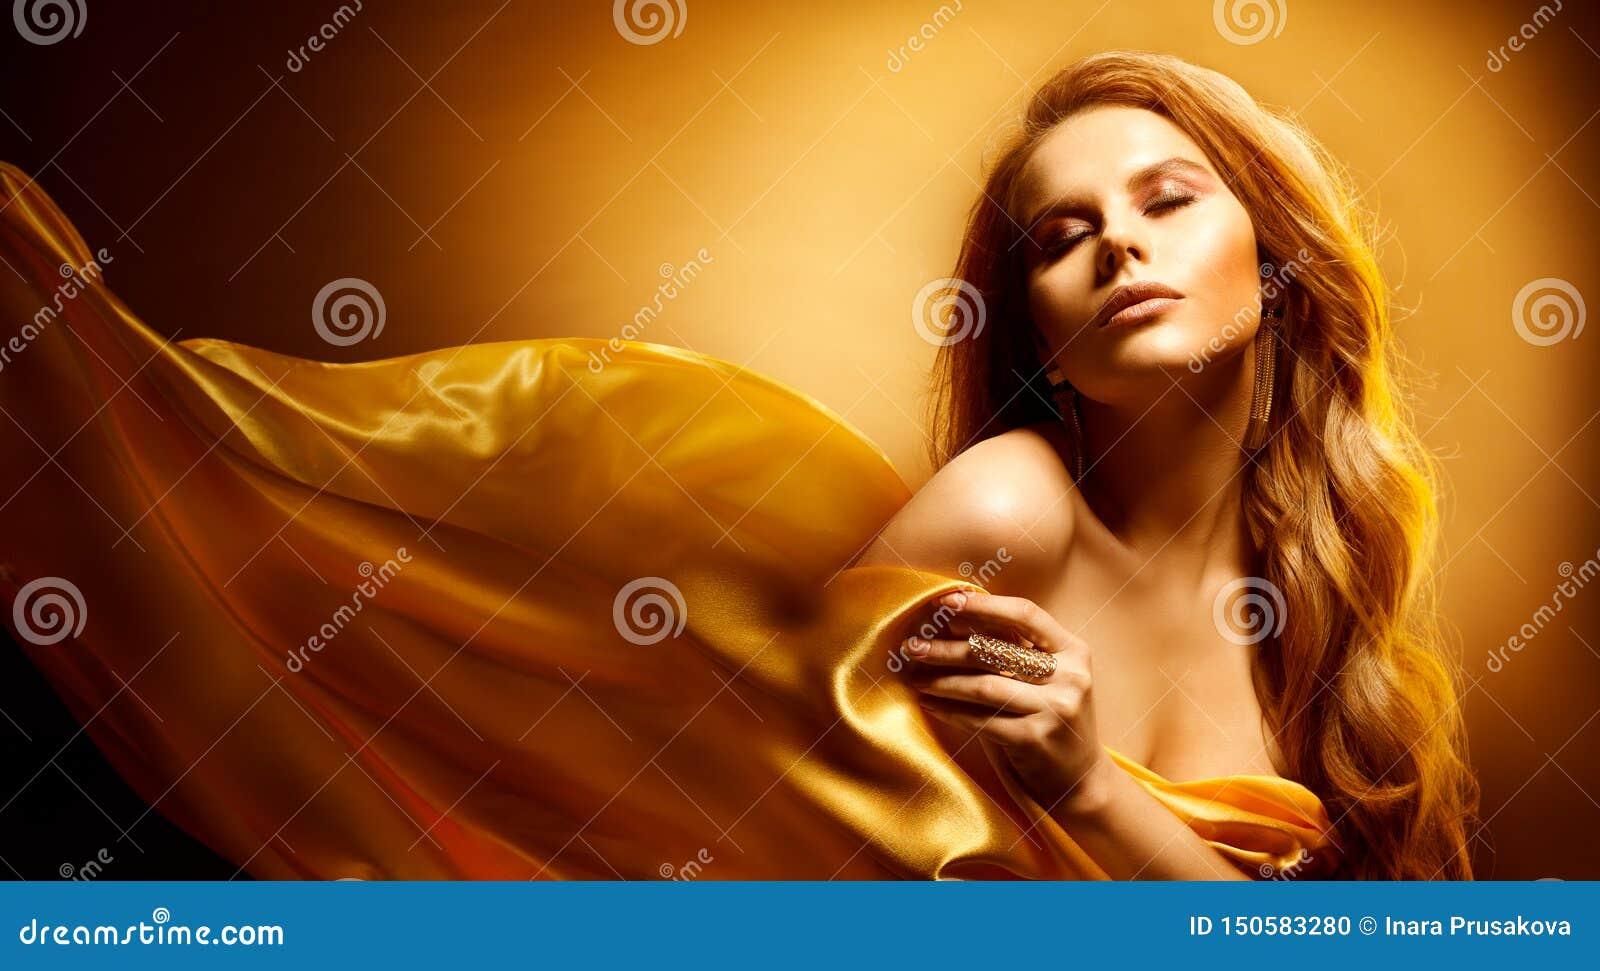 Πορτρέτο ομορφιάς, πρότυπη, όμορφη εκφραστική γυναίκα μόδας γοητείας